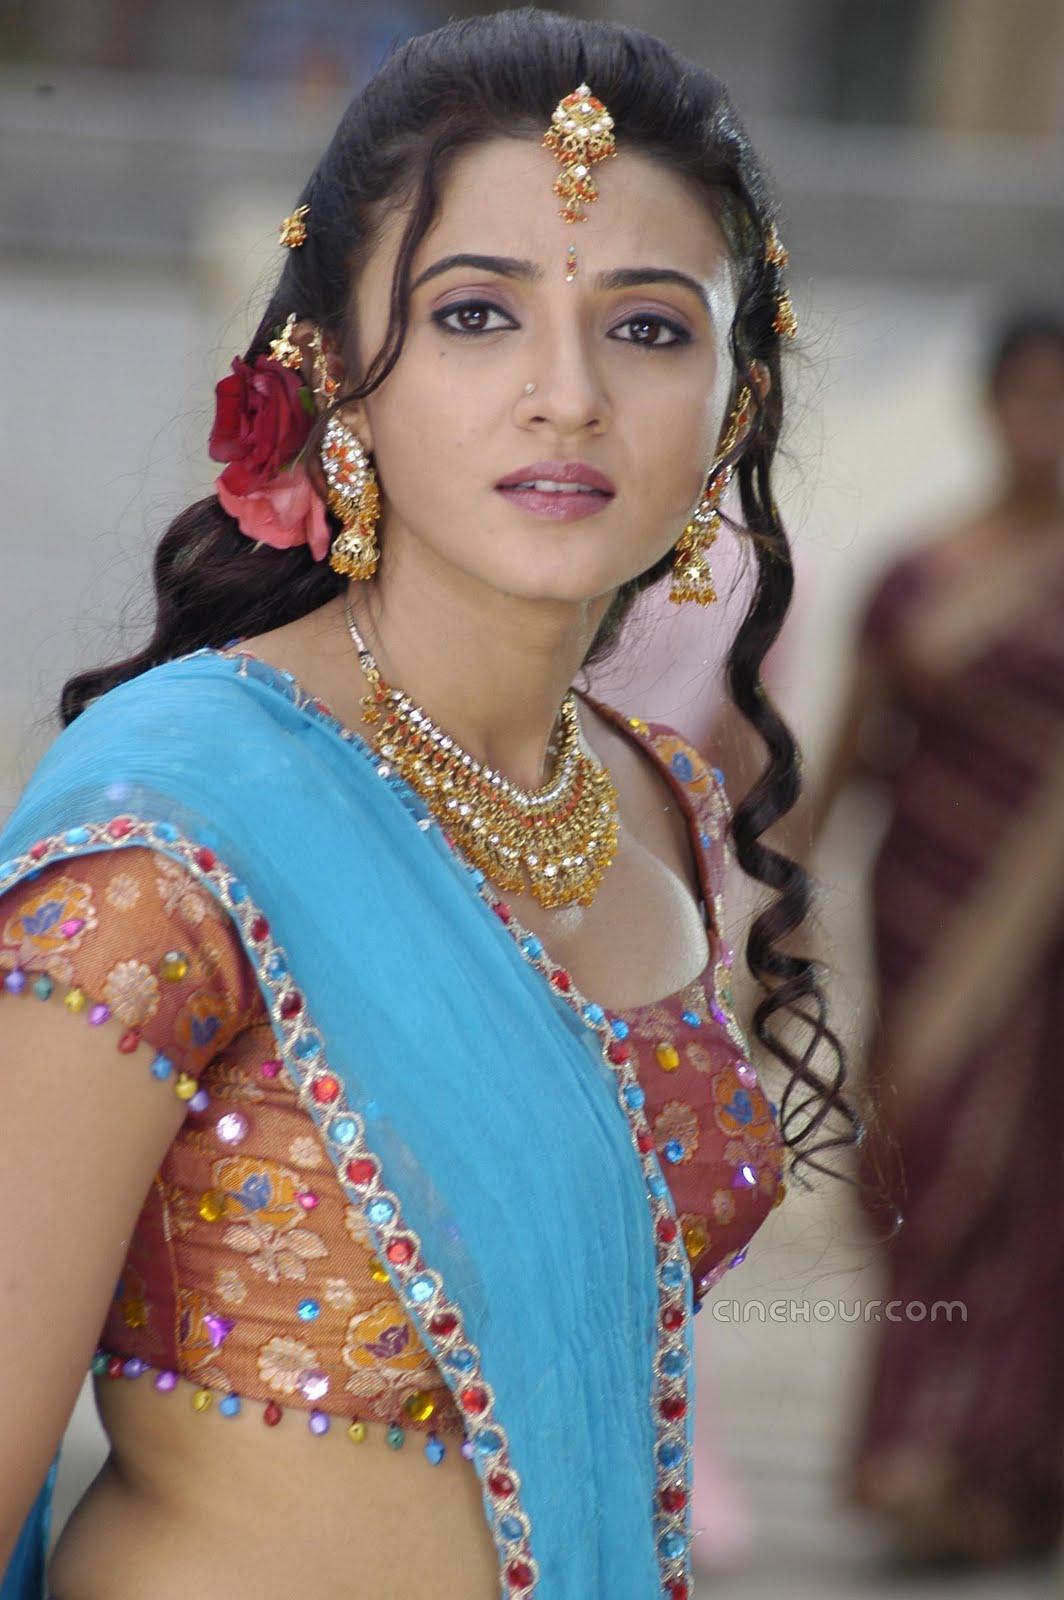 Wallpaper World: South Actress Suhasi HQ Wallpaper